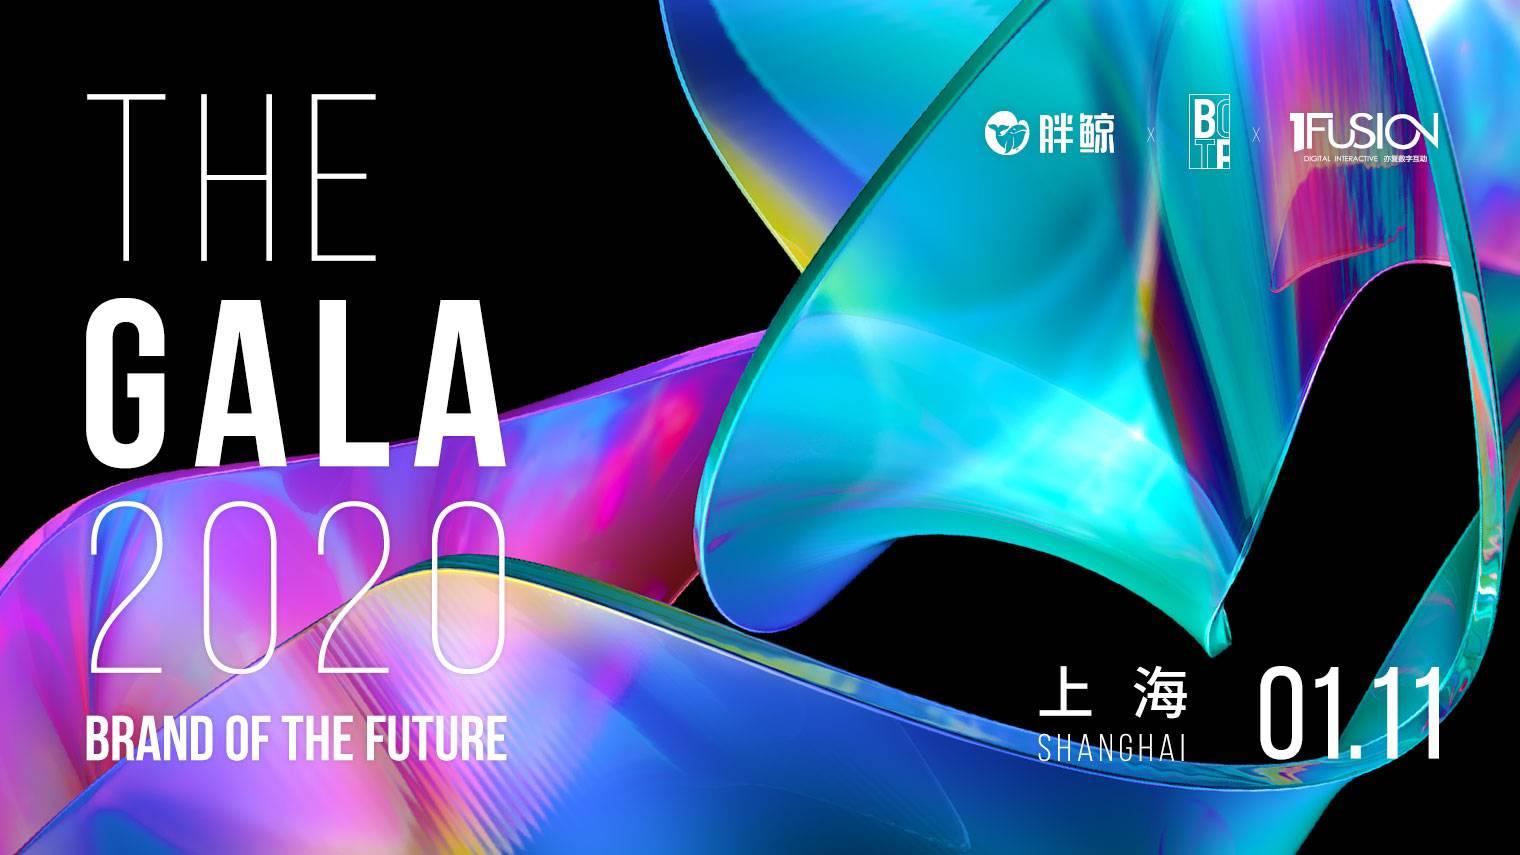 胖鲸「THE GALA 2020」品牌之夜